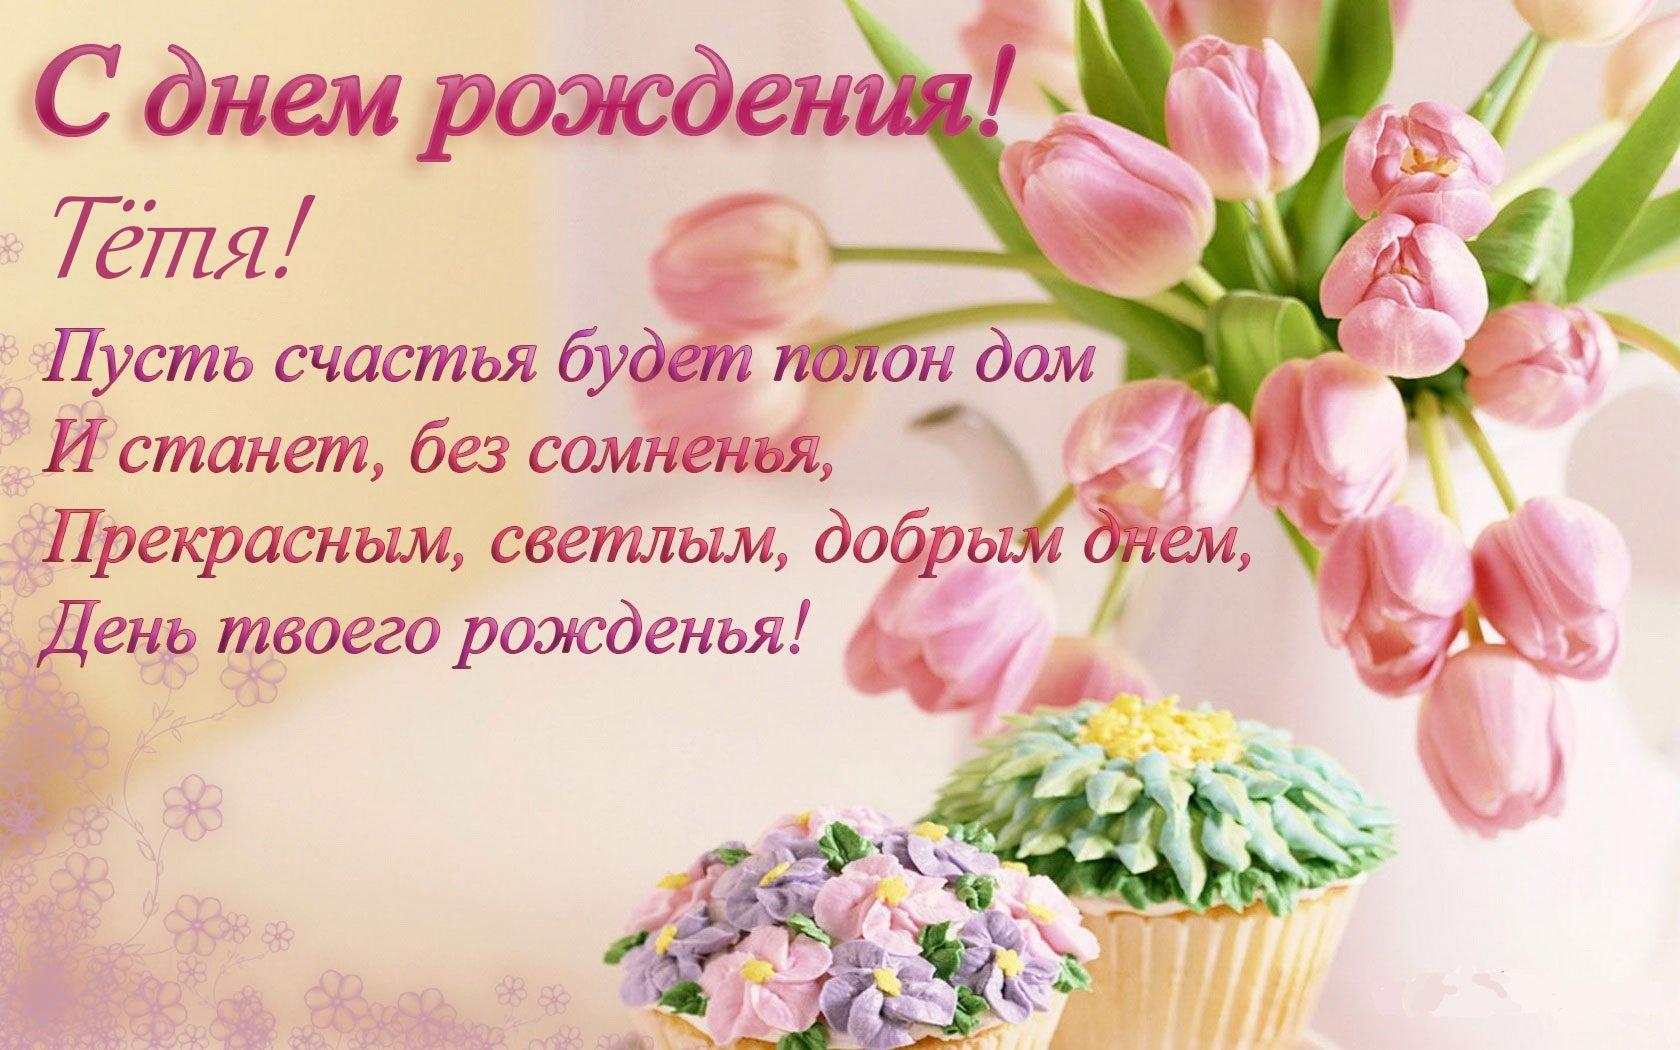 С днем рождения 52 года поздравление